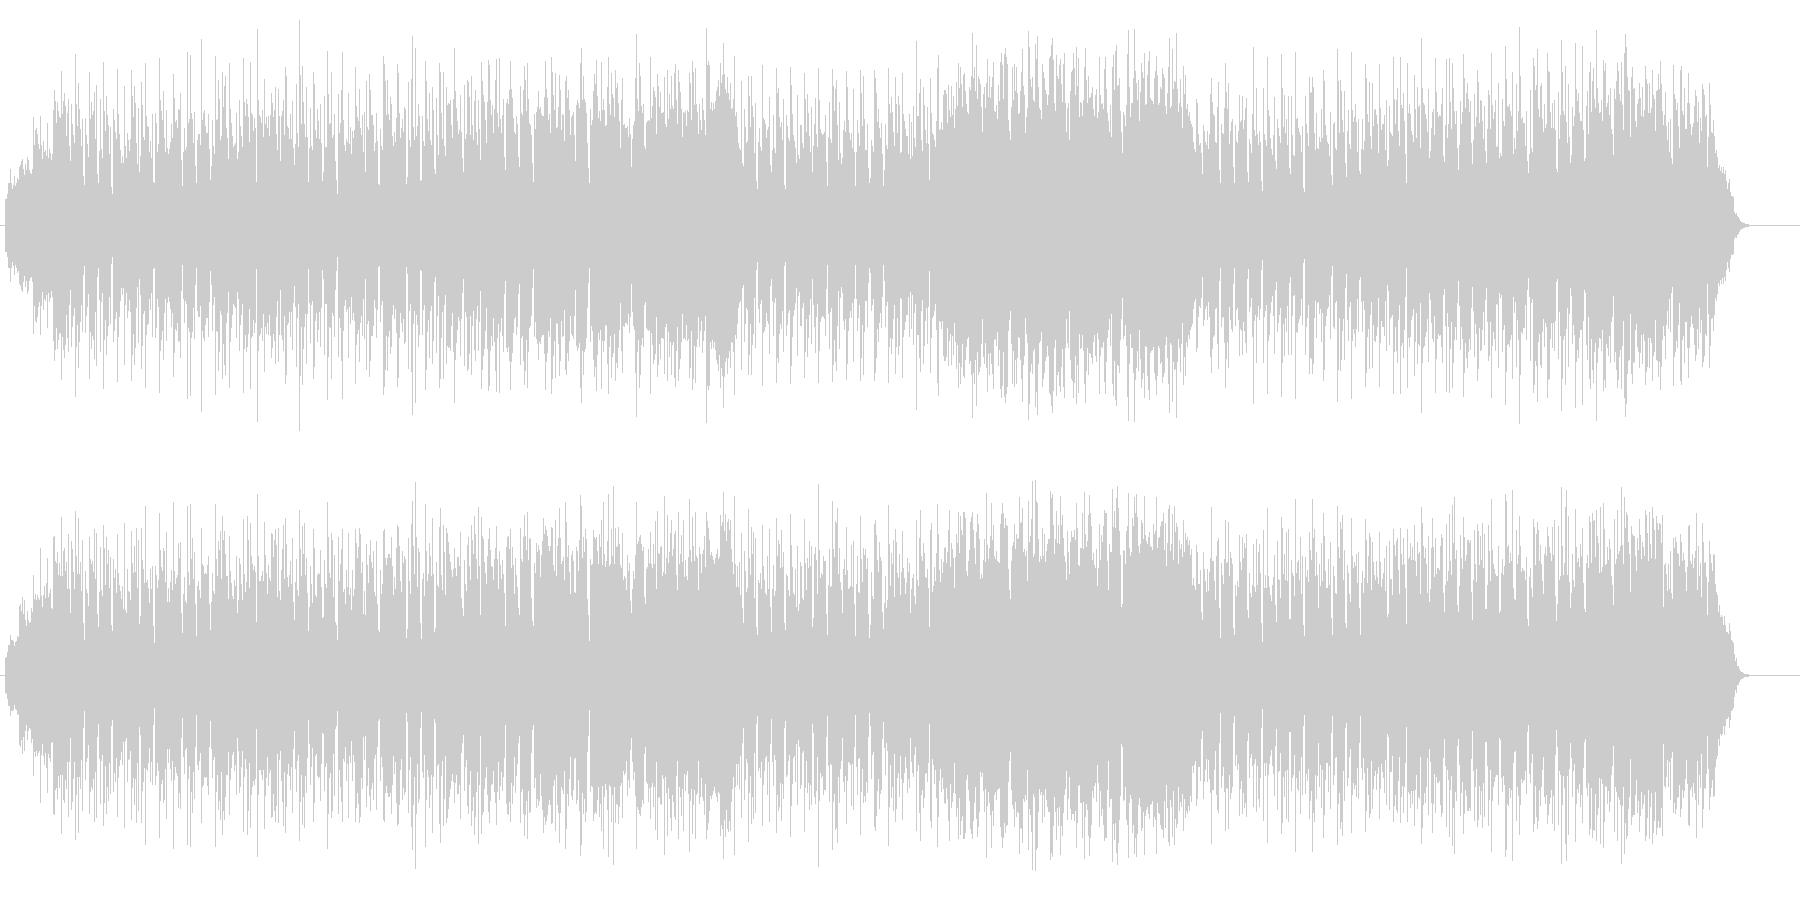 オチャメな和風ポップス(三味線サウンド)の未再生の波形